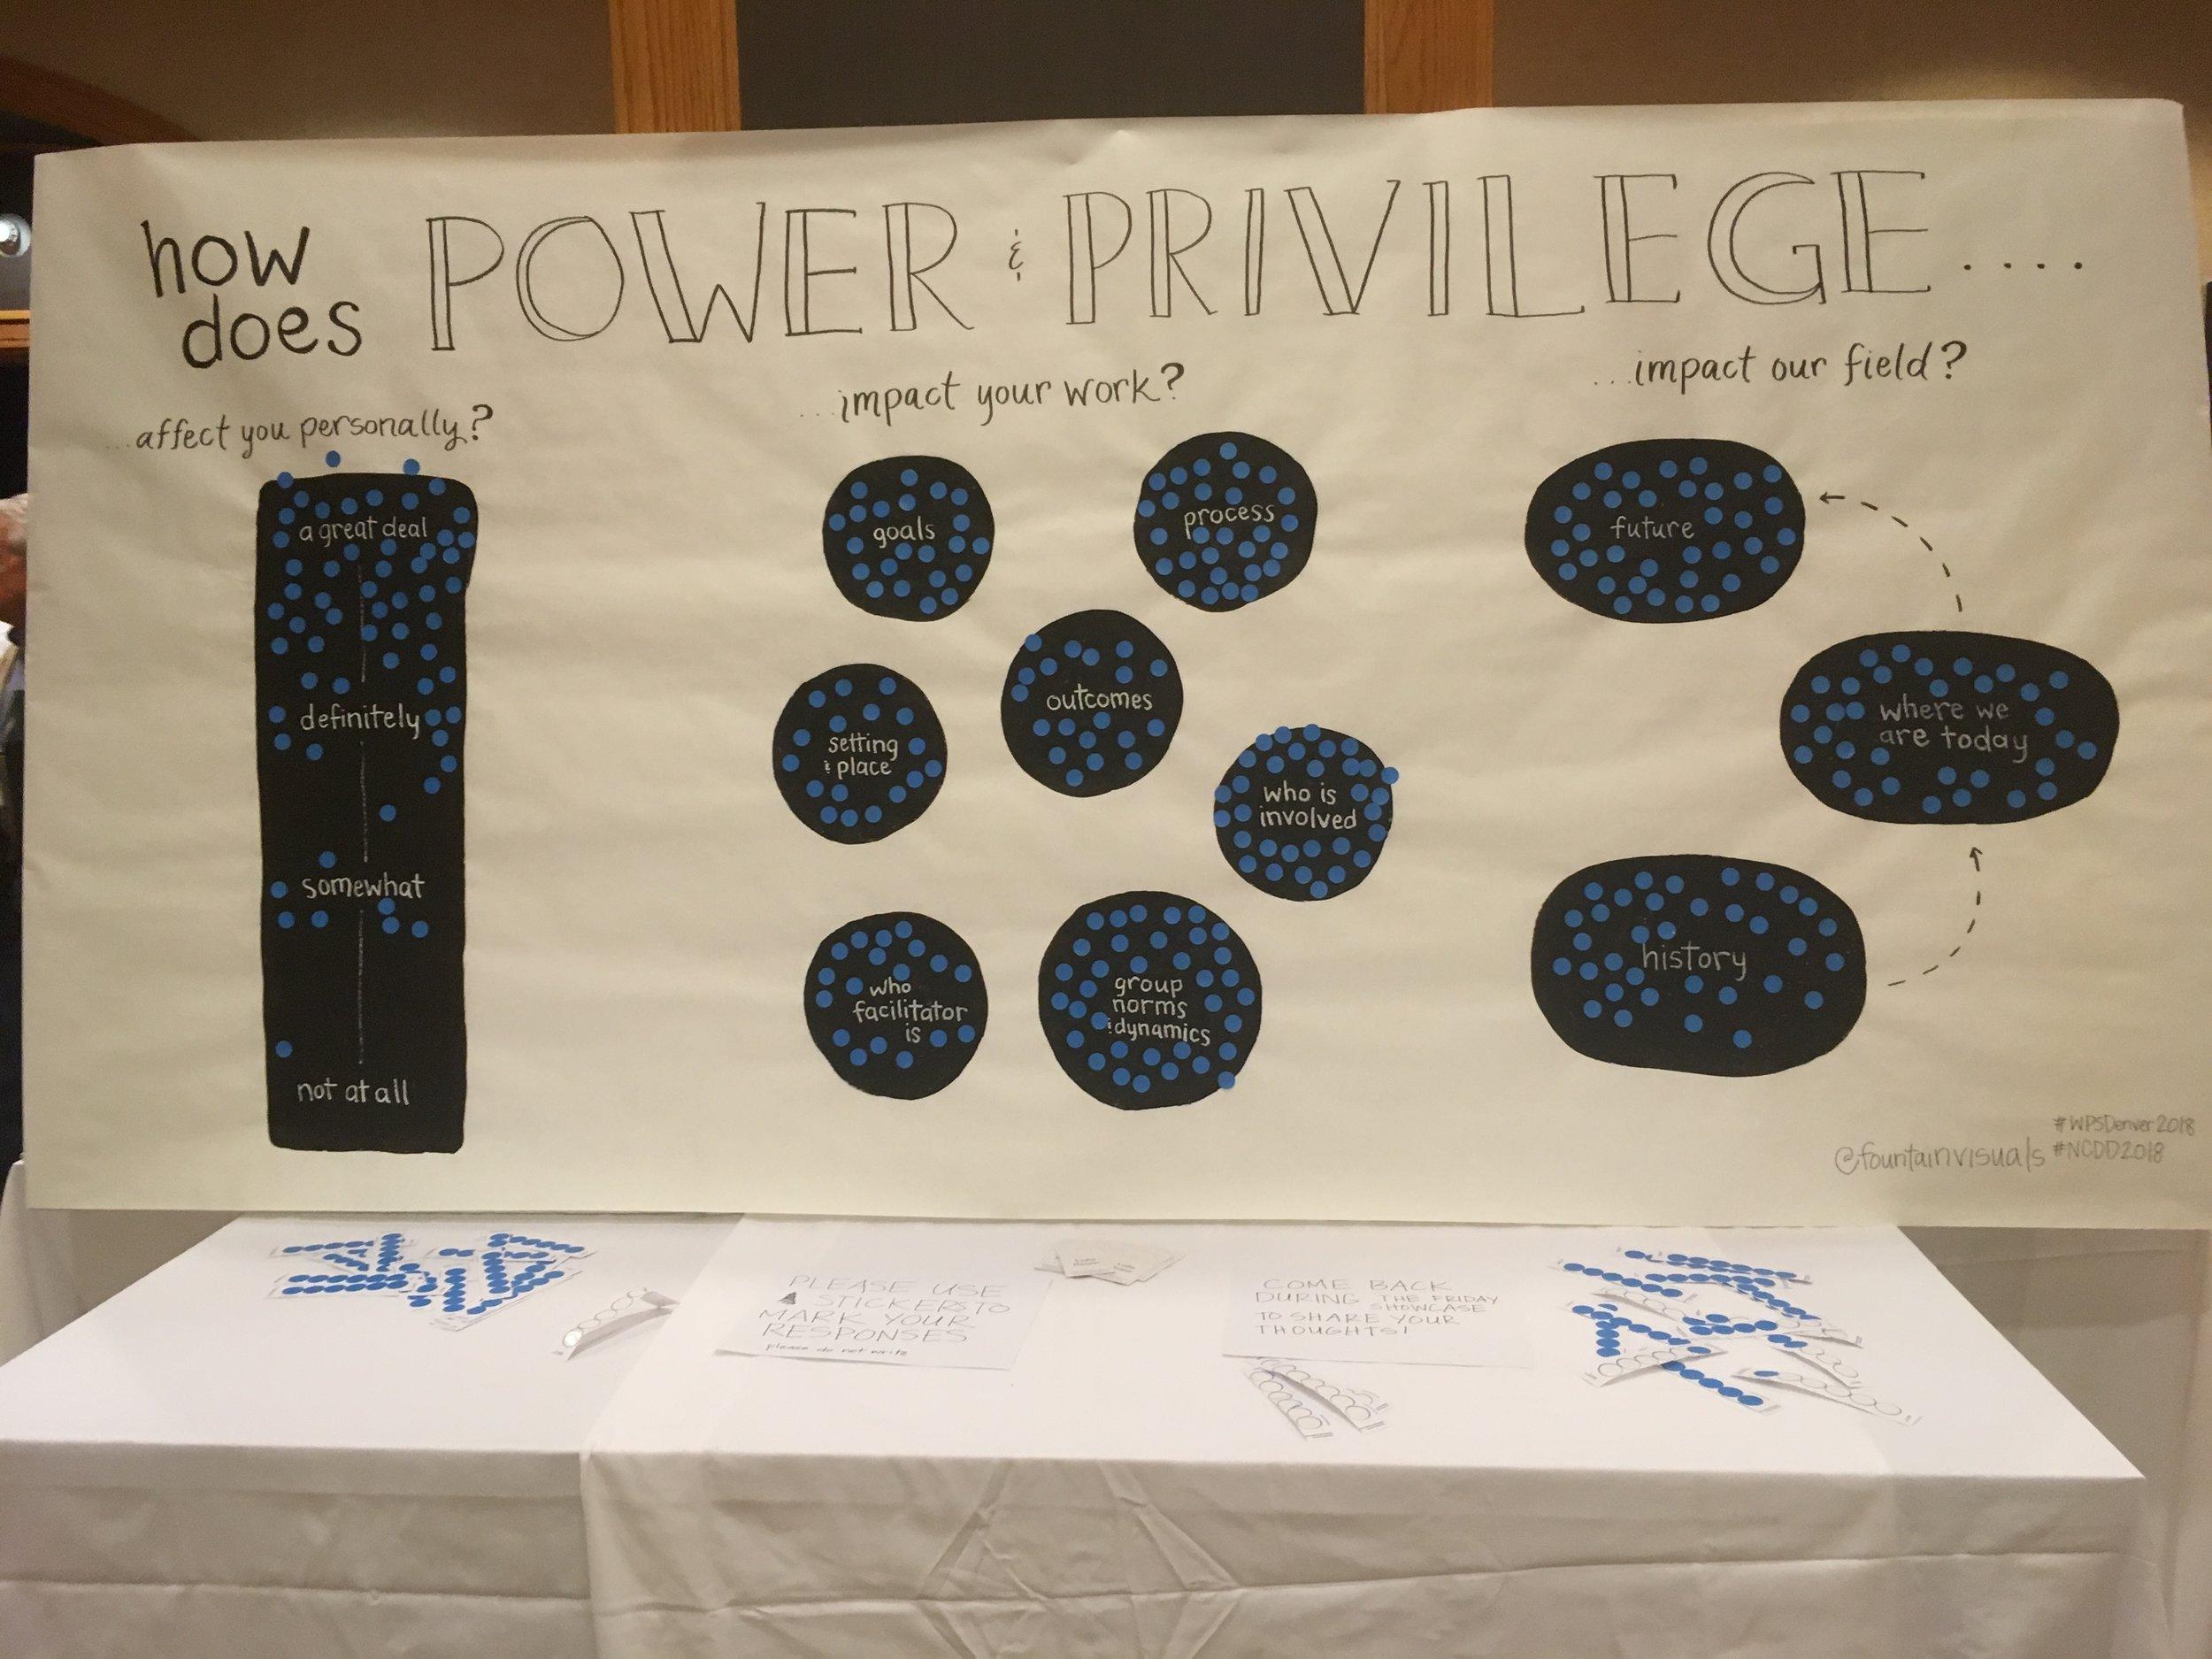 PowerPrivilege1_LydiaHooper.JPG